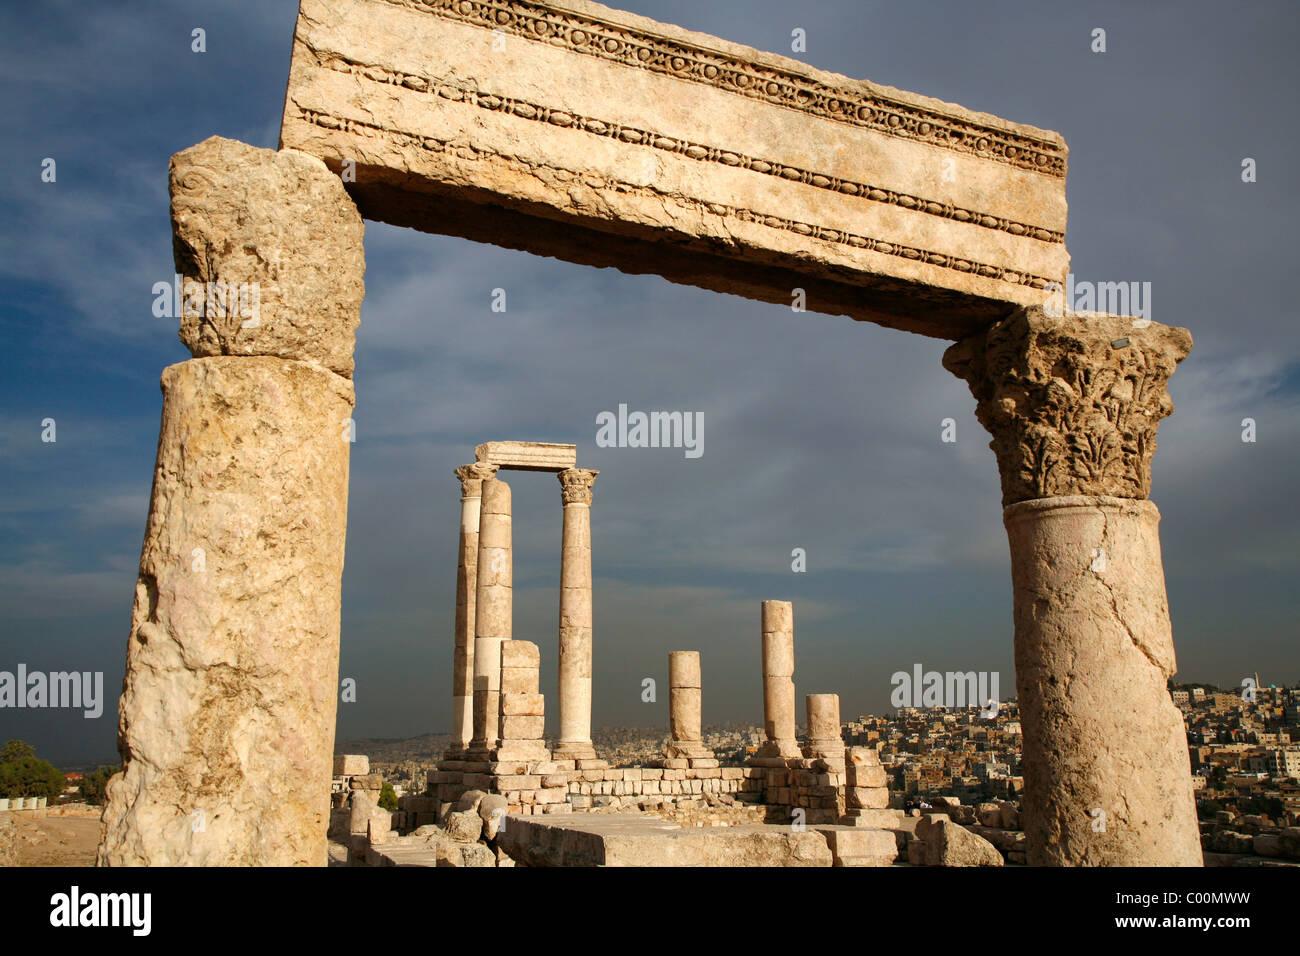 Il Tempio di Ercole a Cittadella, Amman, Giordania. Immagini Stock